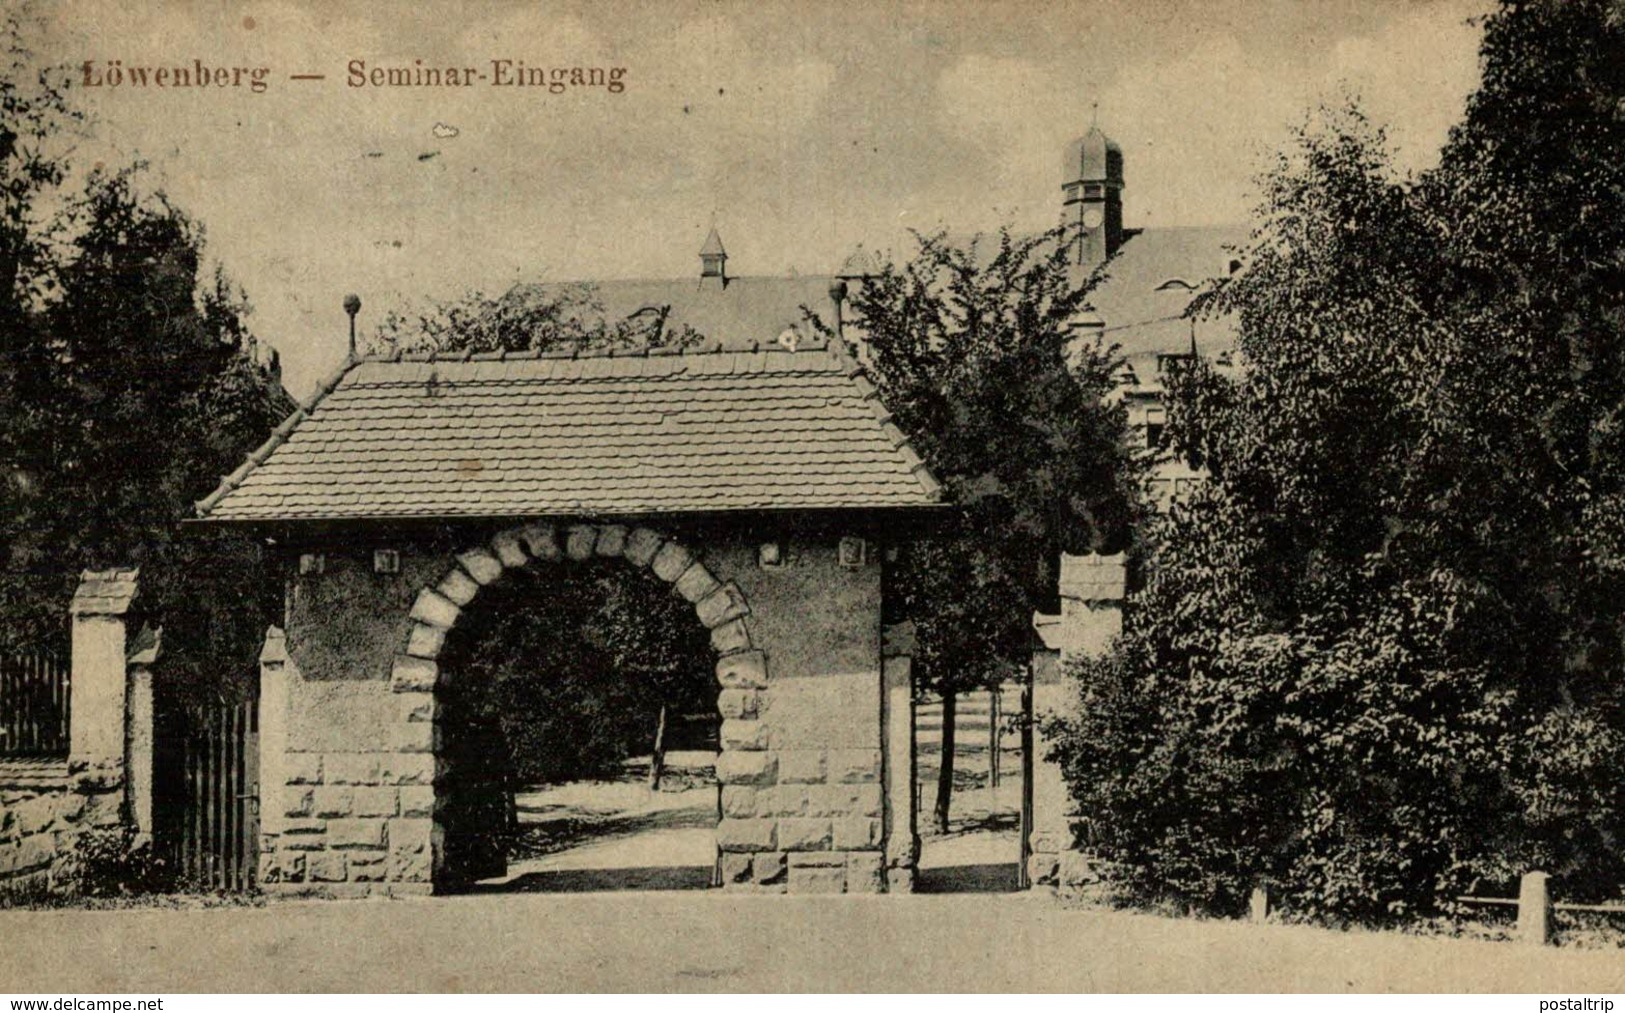 LOWENBERG SEMINAR EINGANG - Schlesien